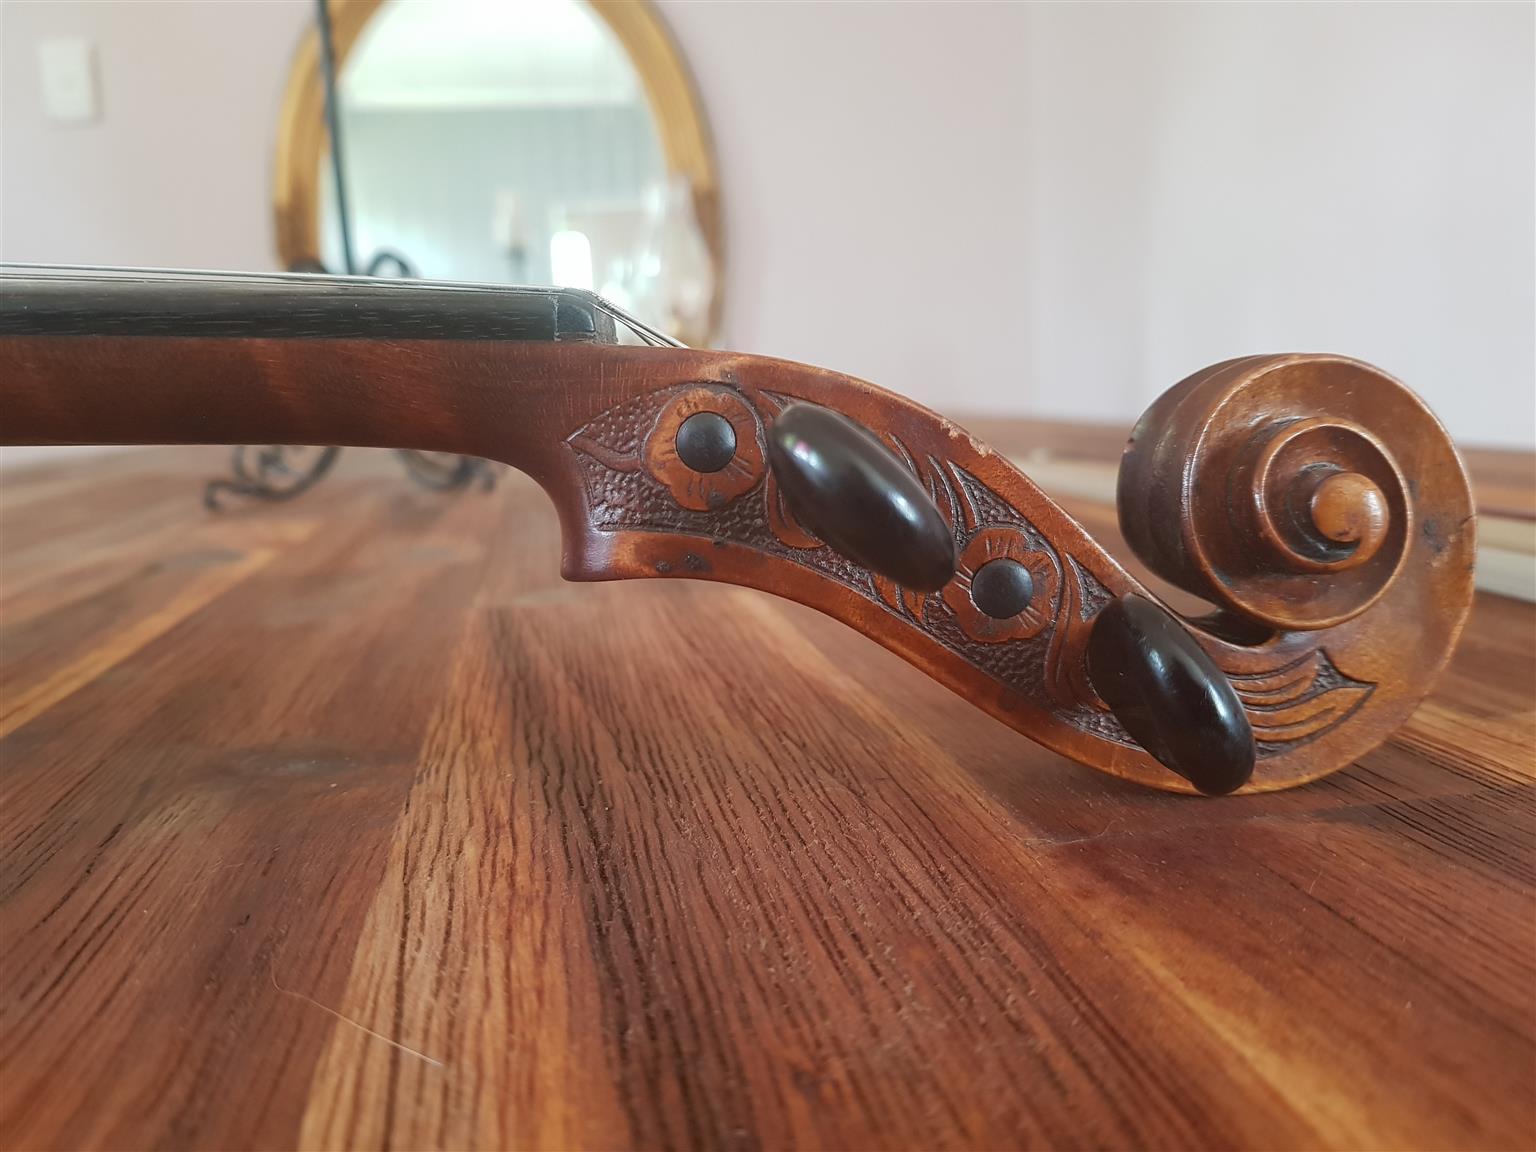 Antique Unlabeled Violin, German, circa 1890